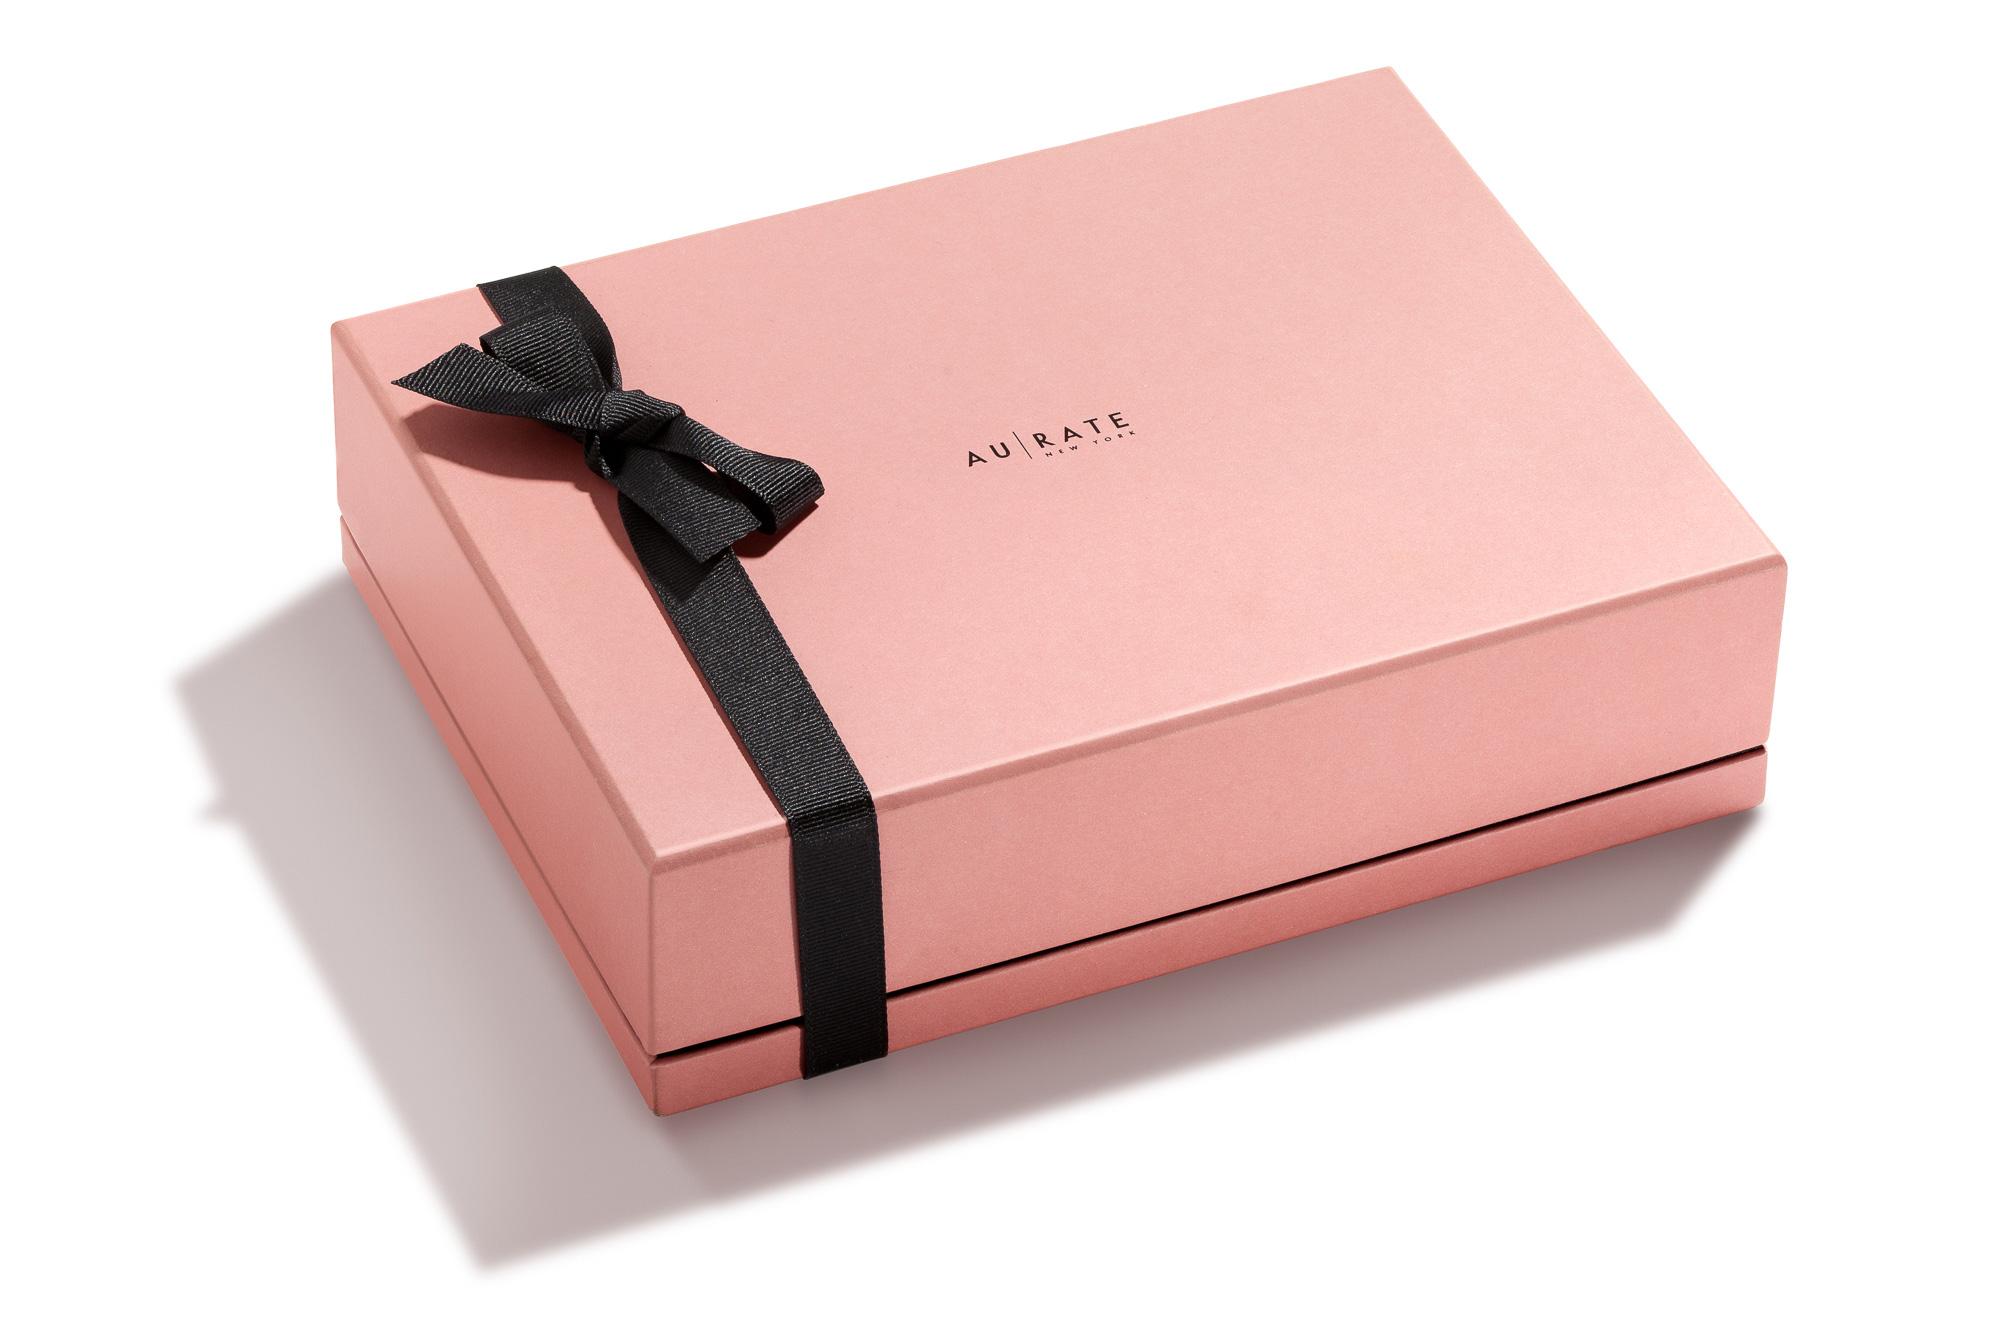 Aurate box